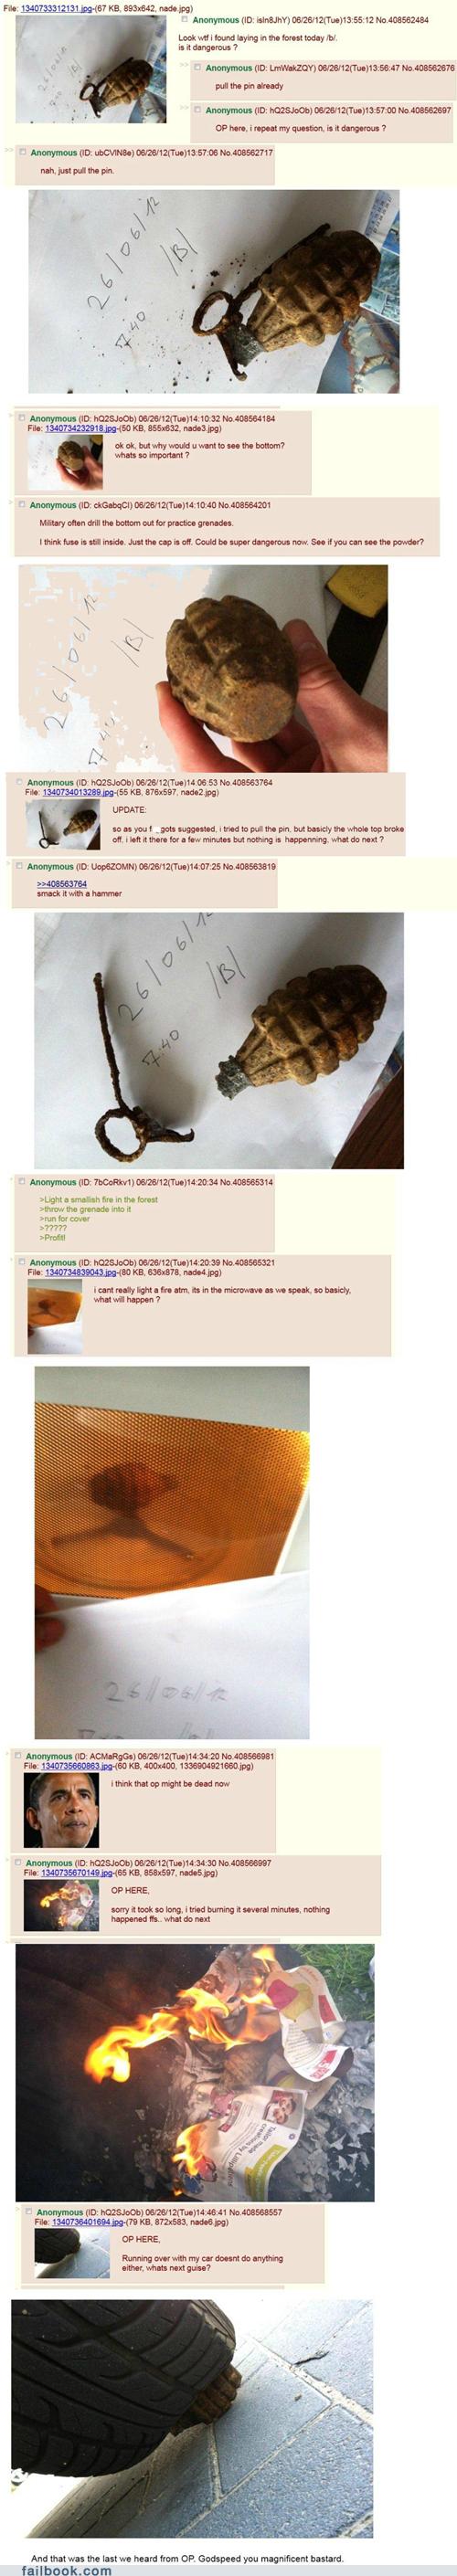 4chan grenade OP - 6388954624